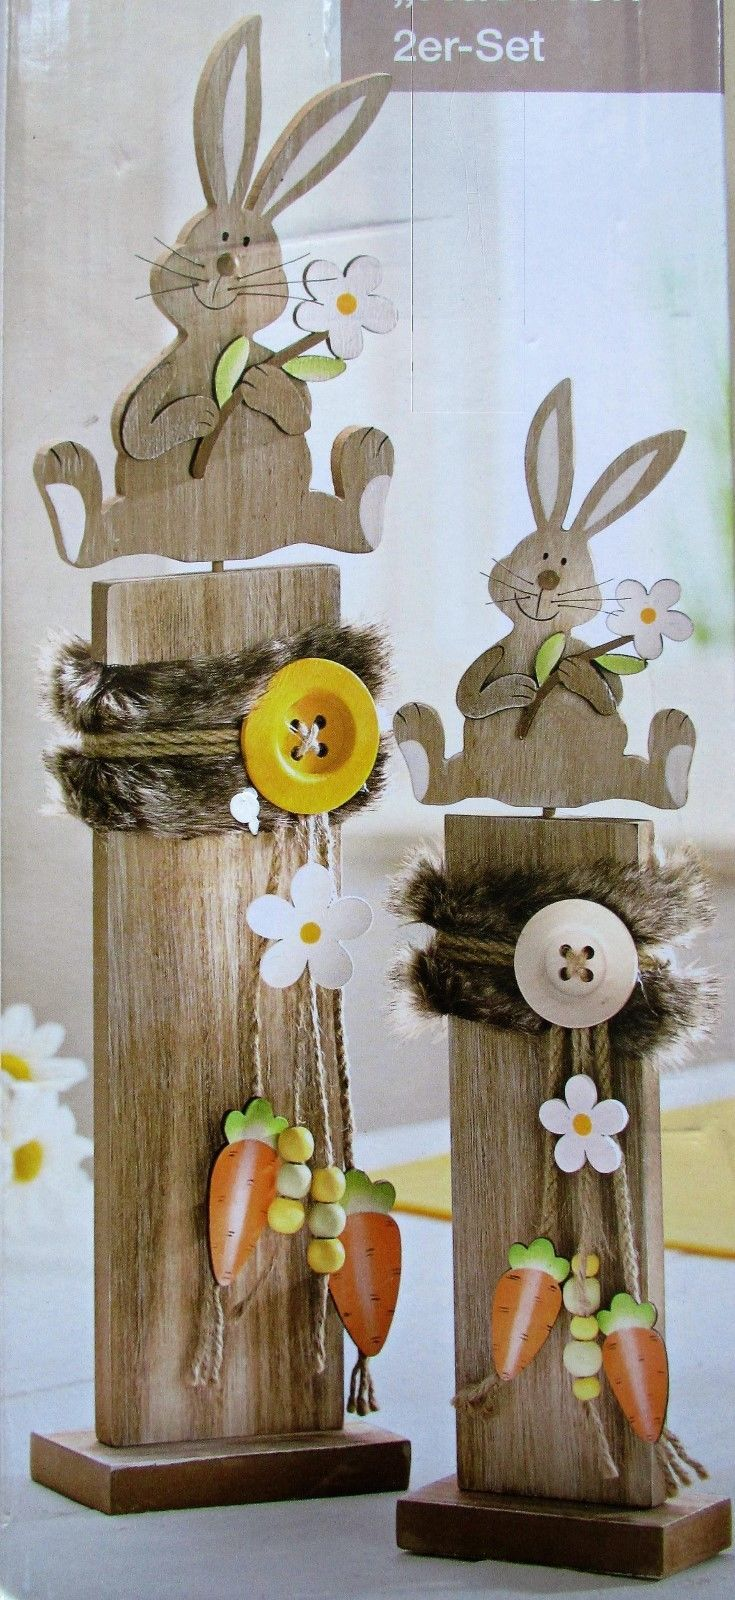 2 x Dekosäulen mit Hase mit Blume NEU Häschen für Ostern 48 + 36 cm gross – EUR 17,99. 2 Dekosäulen für Ostern, NEU Wunderschöne Deko für die Frühlings- und Osterzeit. * niedlich gestaltet mit je einem Häschen, Blumen und Karotten aus Holz* verziert mit tollen Details, wie Knöpfe, Kunstfell (aus 100% Polyester), Schnüren (aus 100% Jute)….* in 2 verschiedenen Grössen, 48 und 36 cm hoch * Maße: ca. 48 x 12 x 6 cm und ca. 36 x 9,5 x 5 cm * Material:Holz, Polyester und Jute Viel Spass beim Biet…